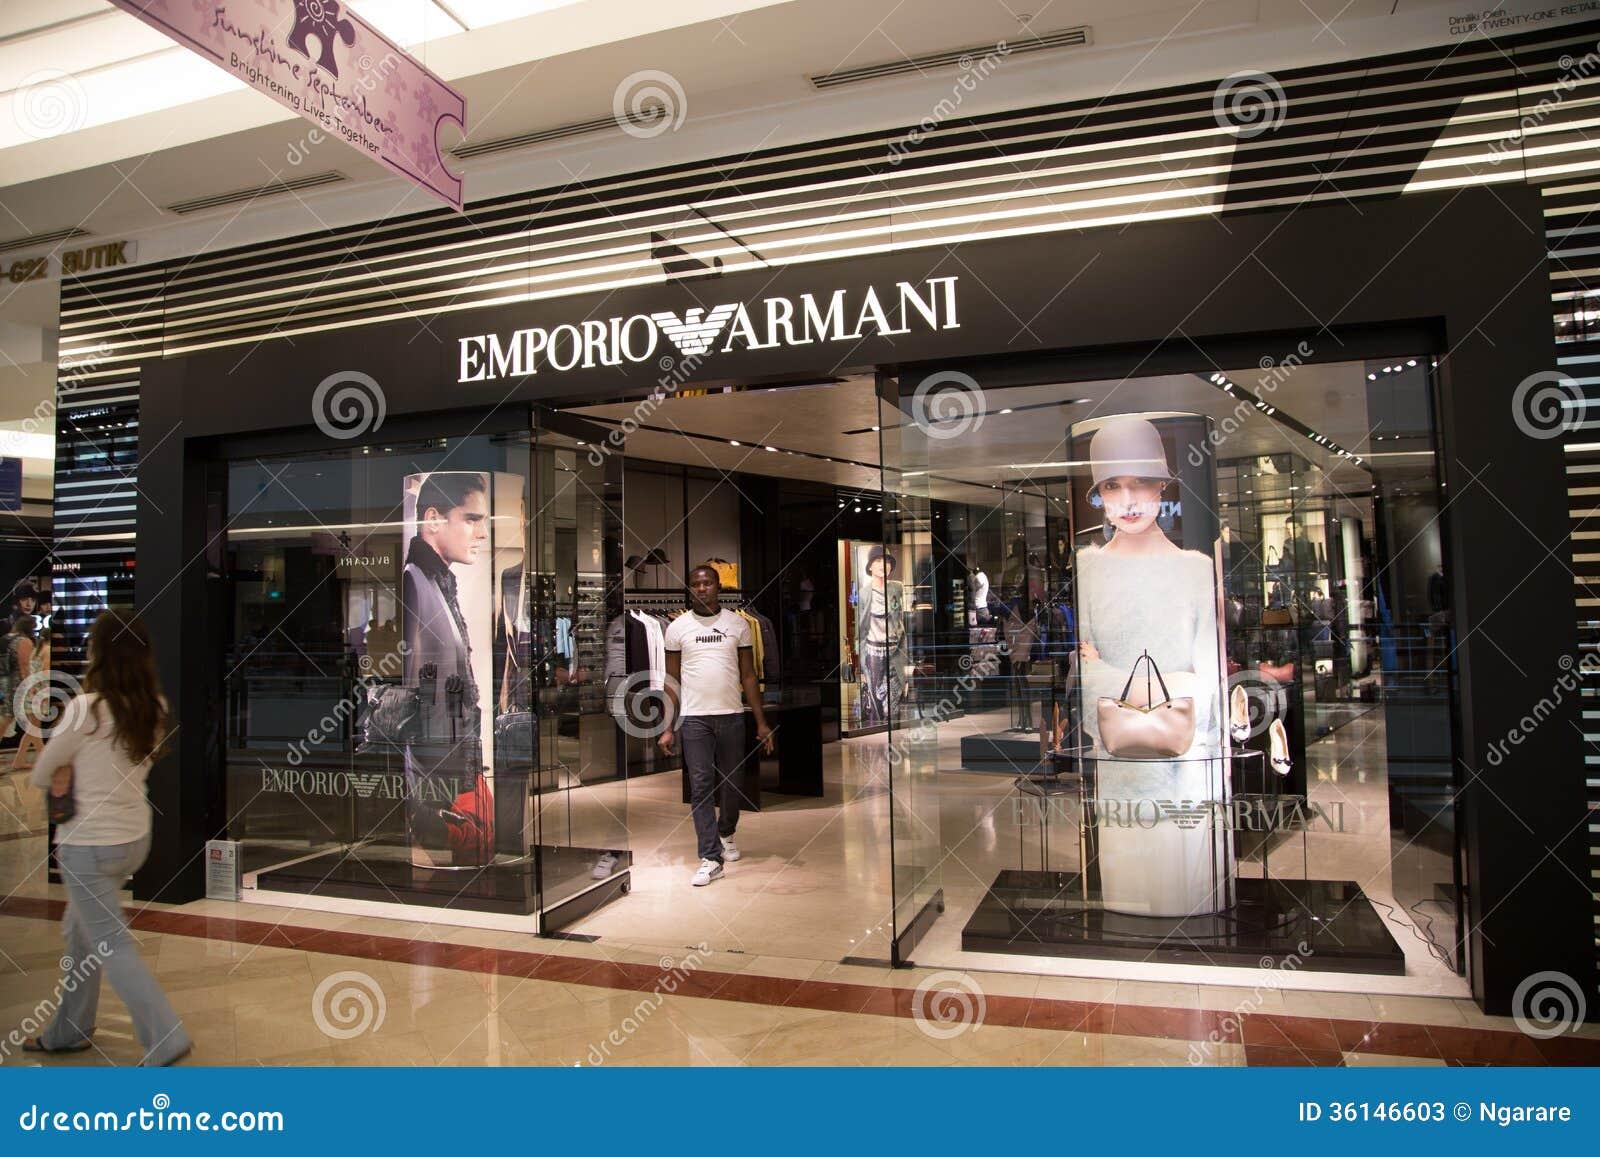 Kuala Lumpur Malaysia Sep 27 Emporio Armani Shop In